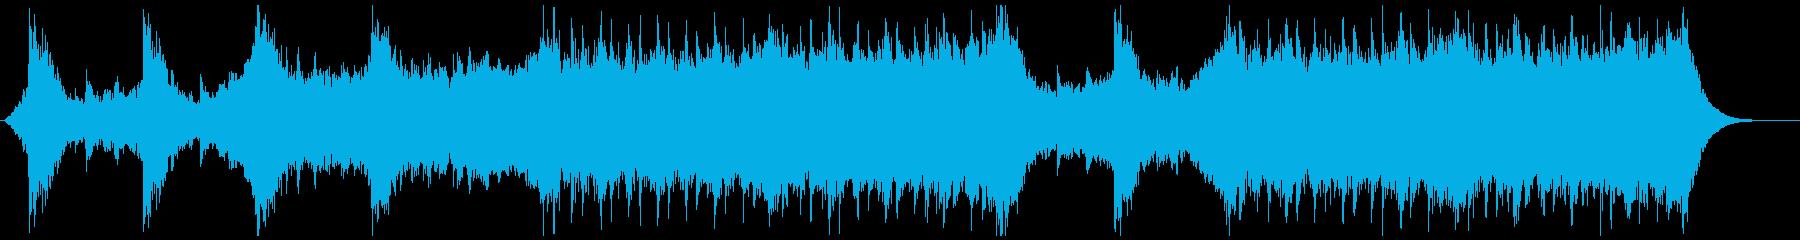 プログレッシブ 交響曲 ポジティブ...の再生済みの波形